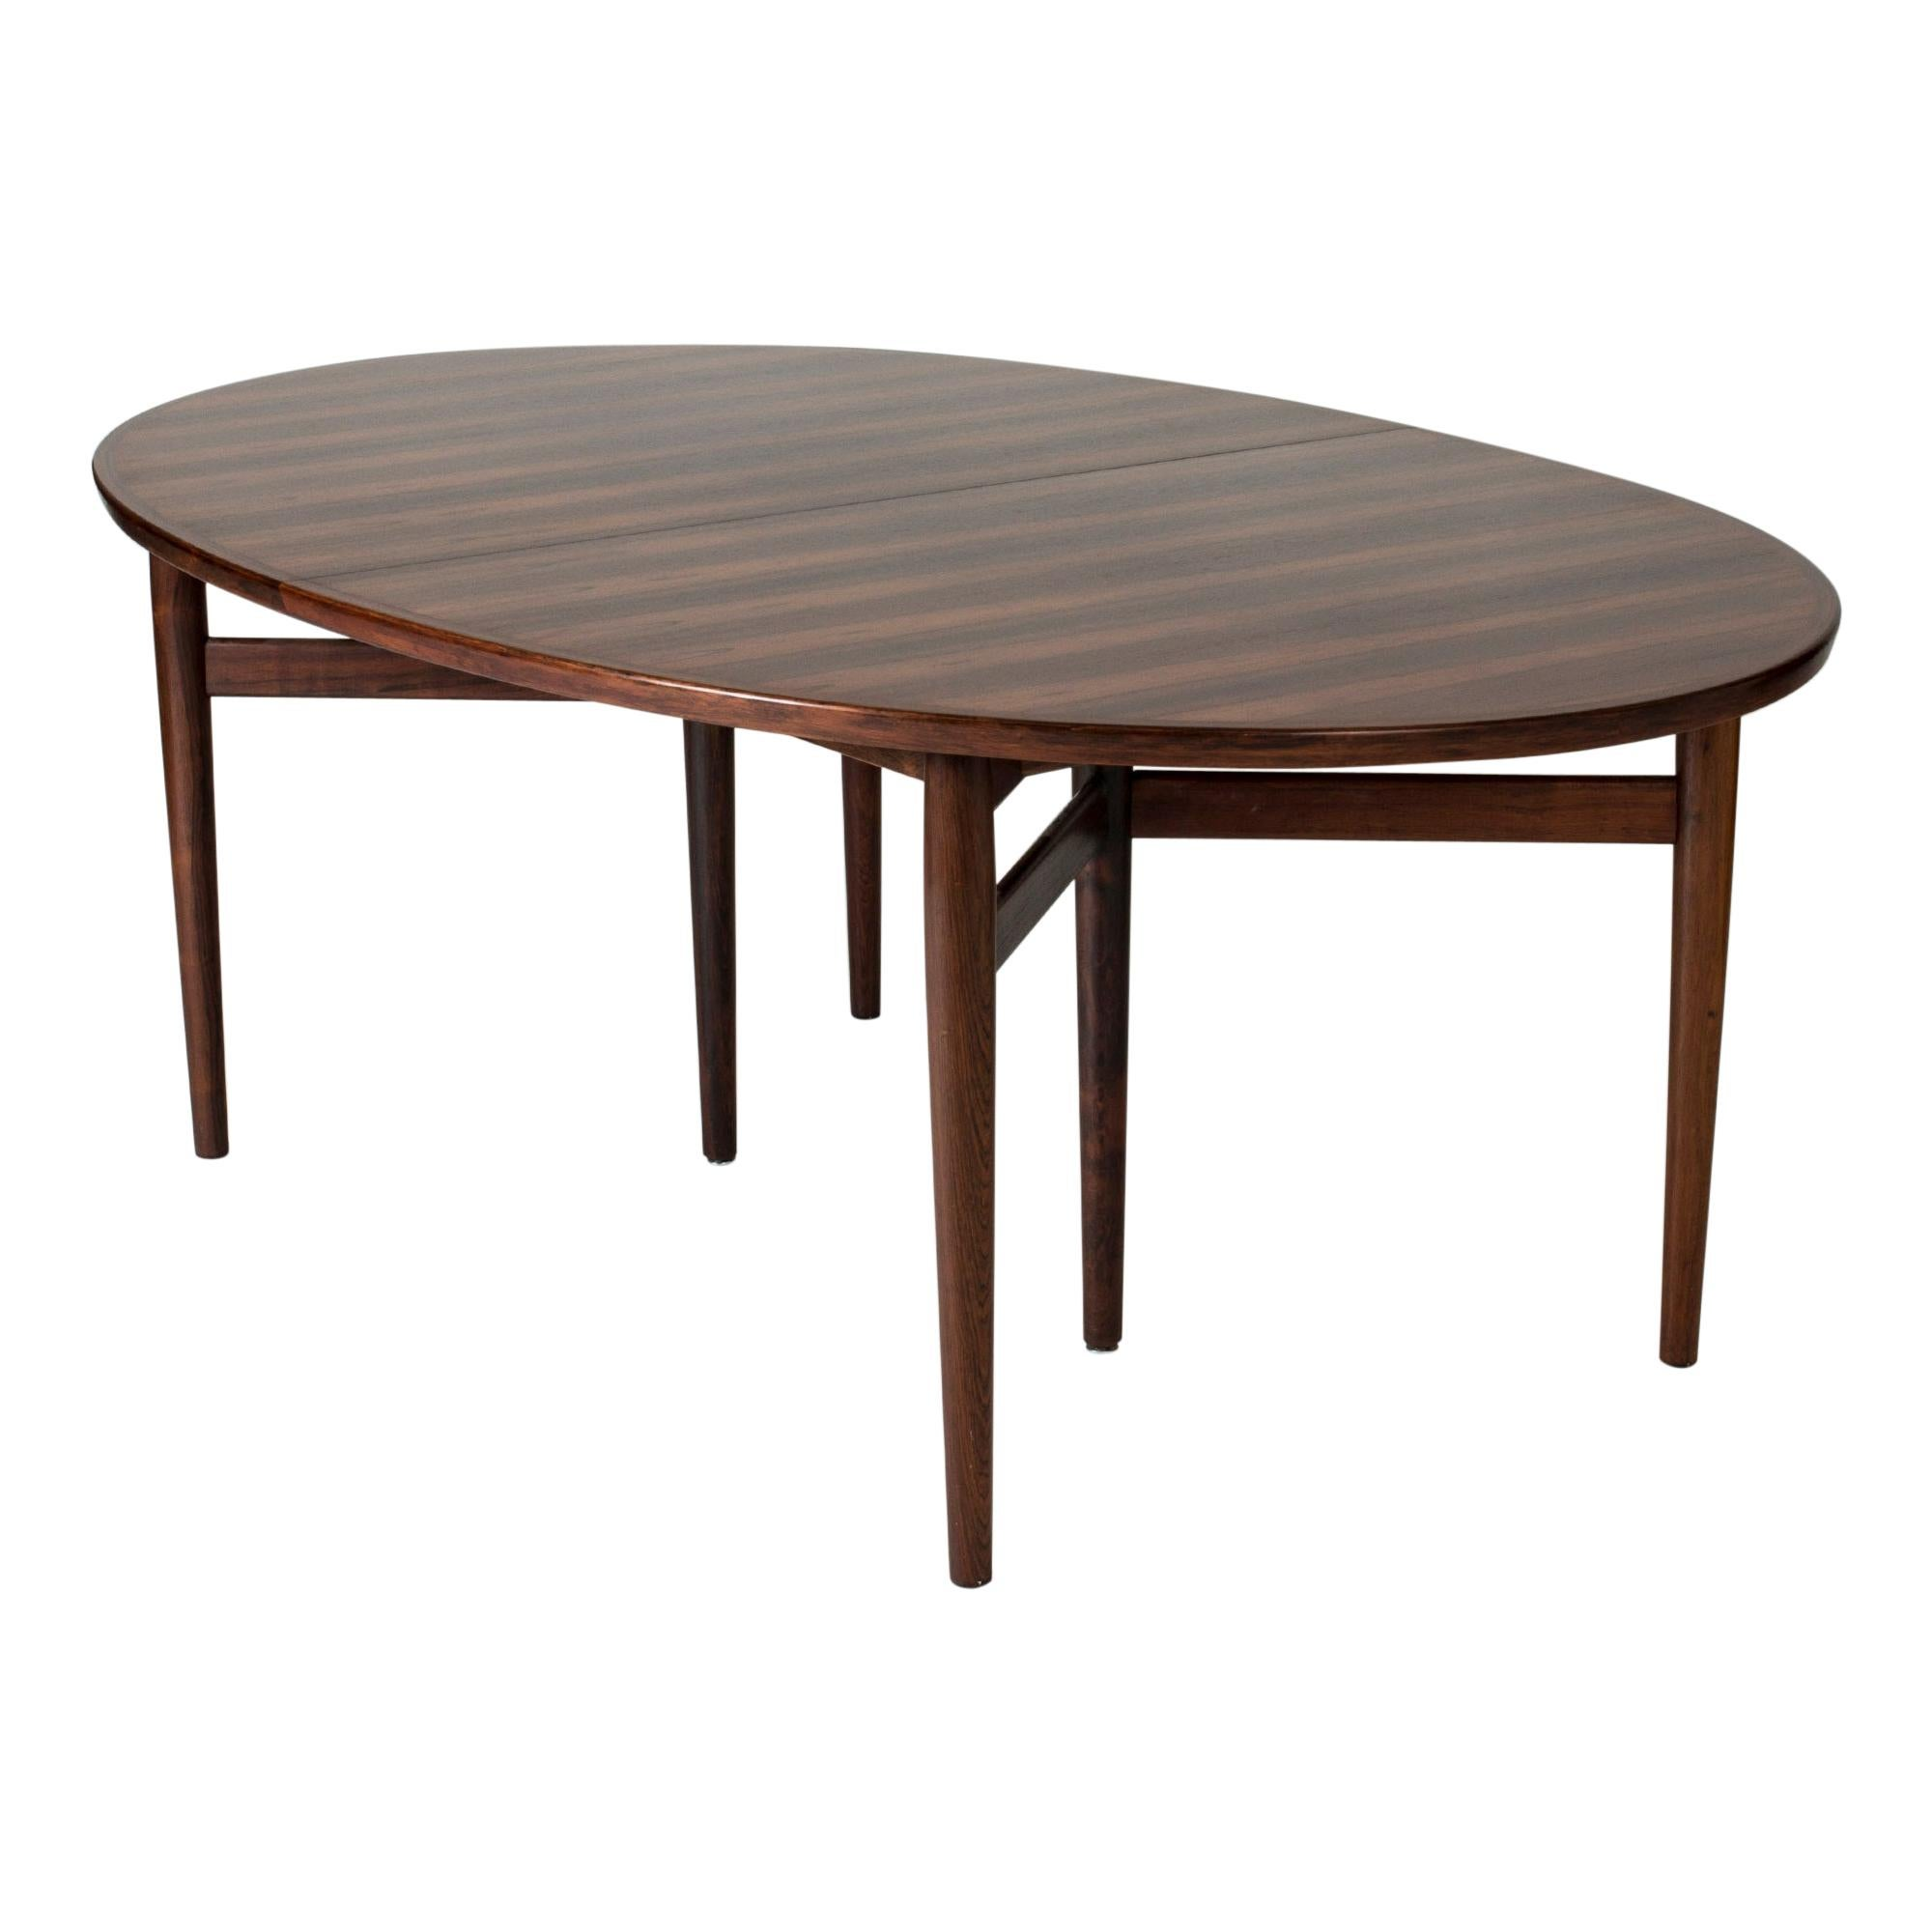 Rosewood Dining Table by Arne Vodder for Sibast, Denmark, 1960s